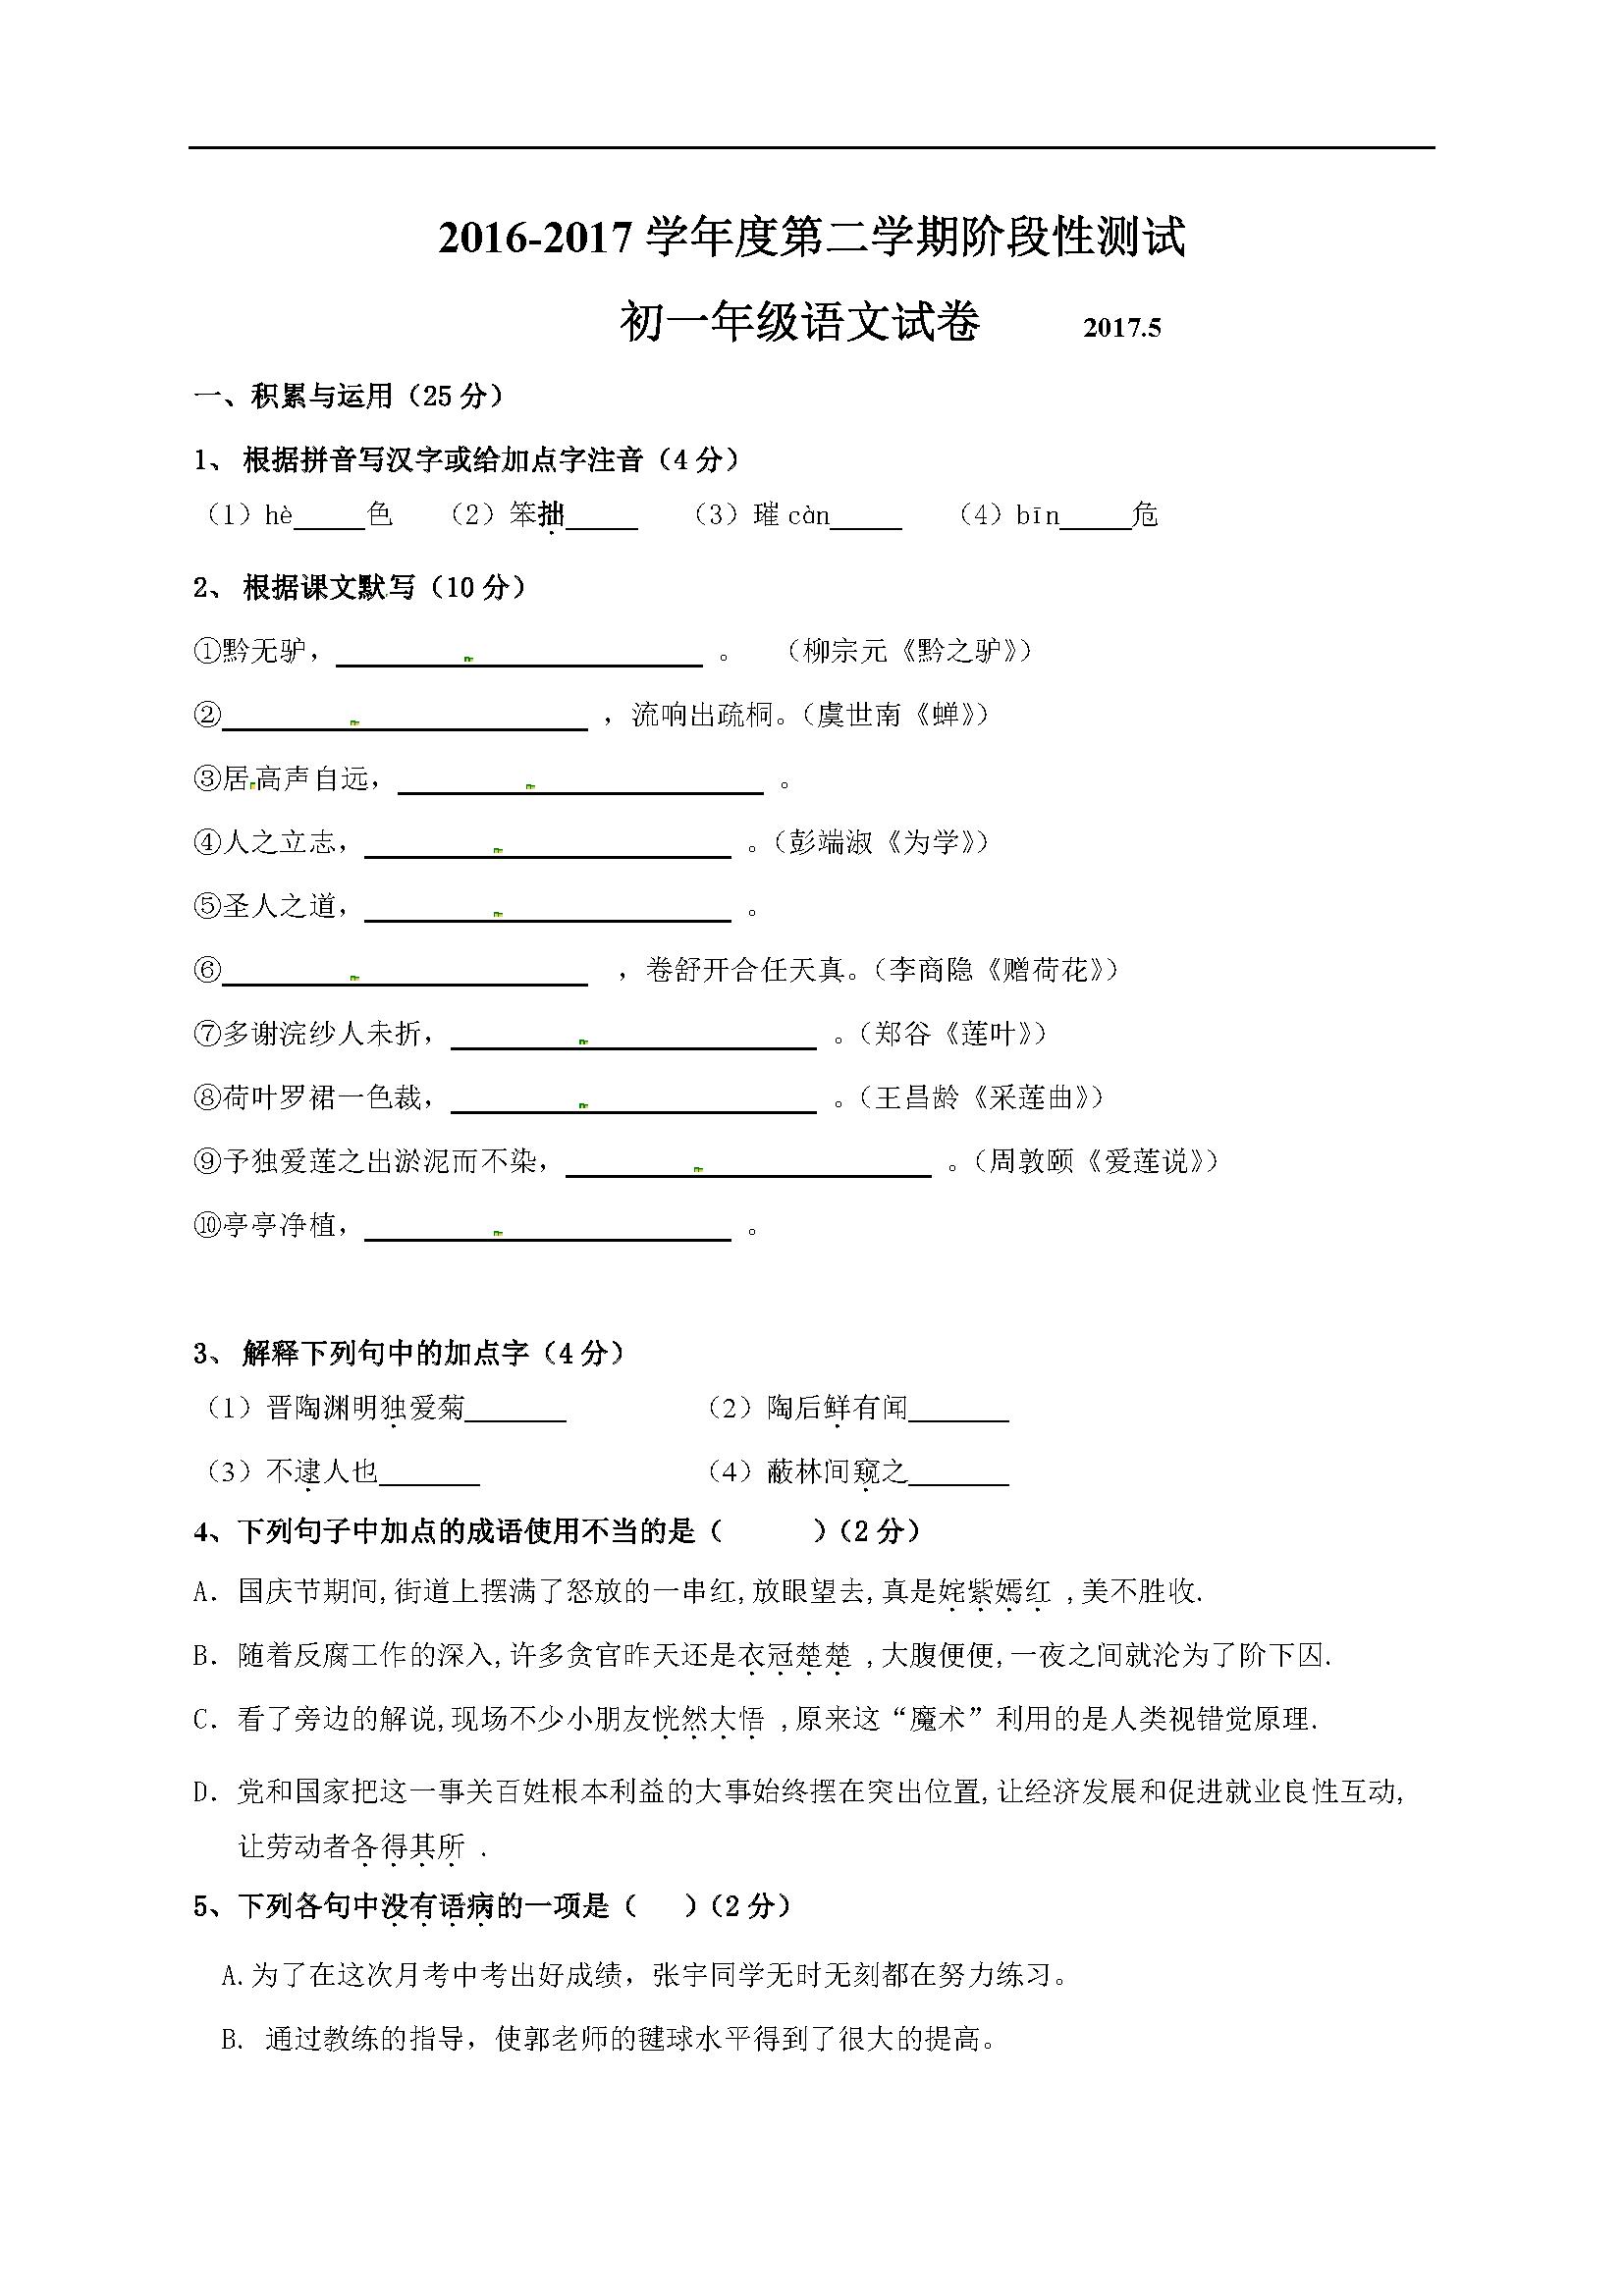 2017江苏无锡江阴七年级5月月考语文试题(图片版)